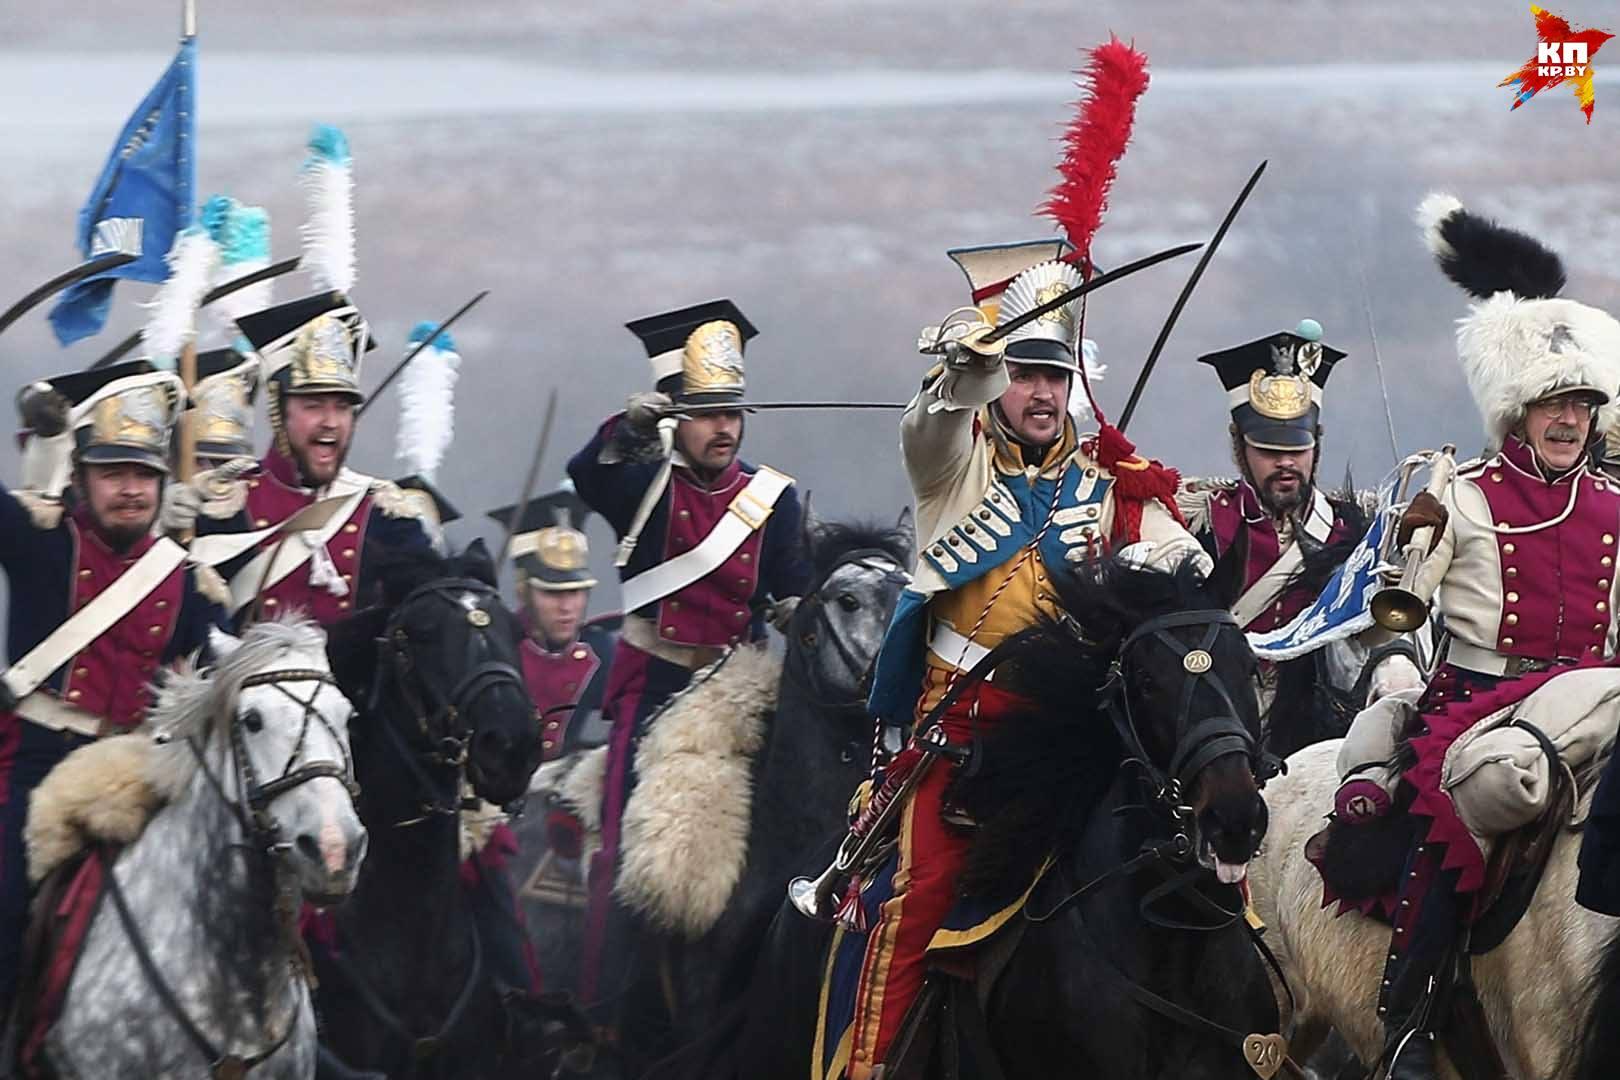 Под Борисовом провели реконструкцию сражения между Наполеоновской армией русским войском